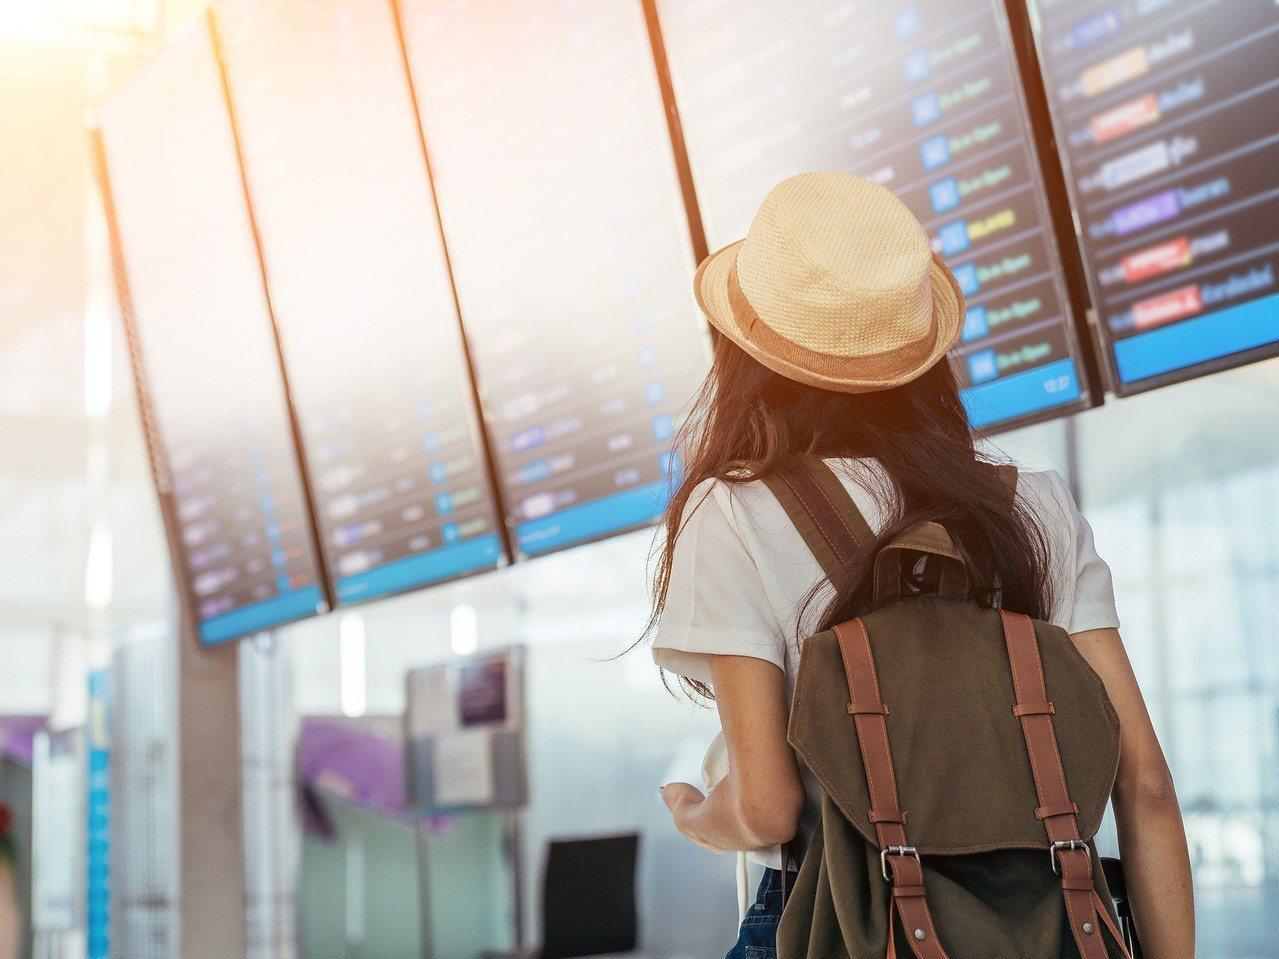 刷卡買機票不是已經有送旅平險了,為何還需要加購呢?保險專家提醒,刷卡旅遊保障有限...